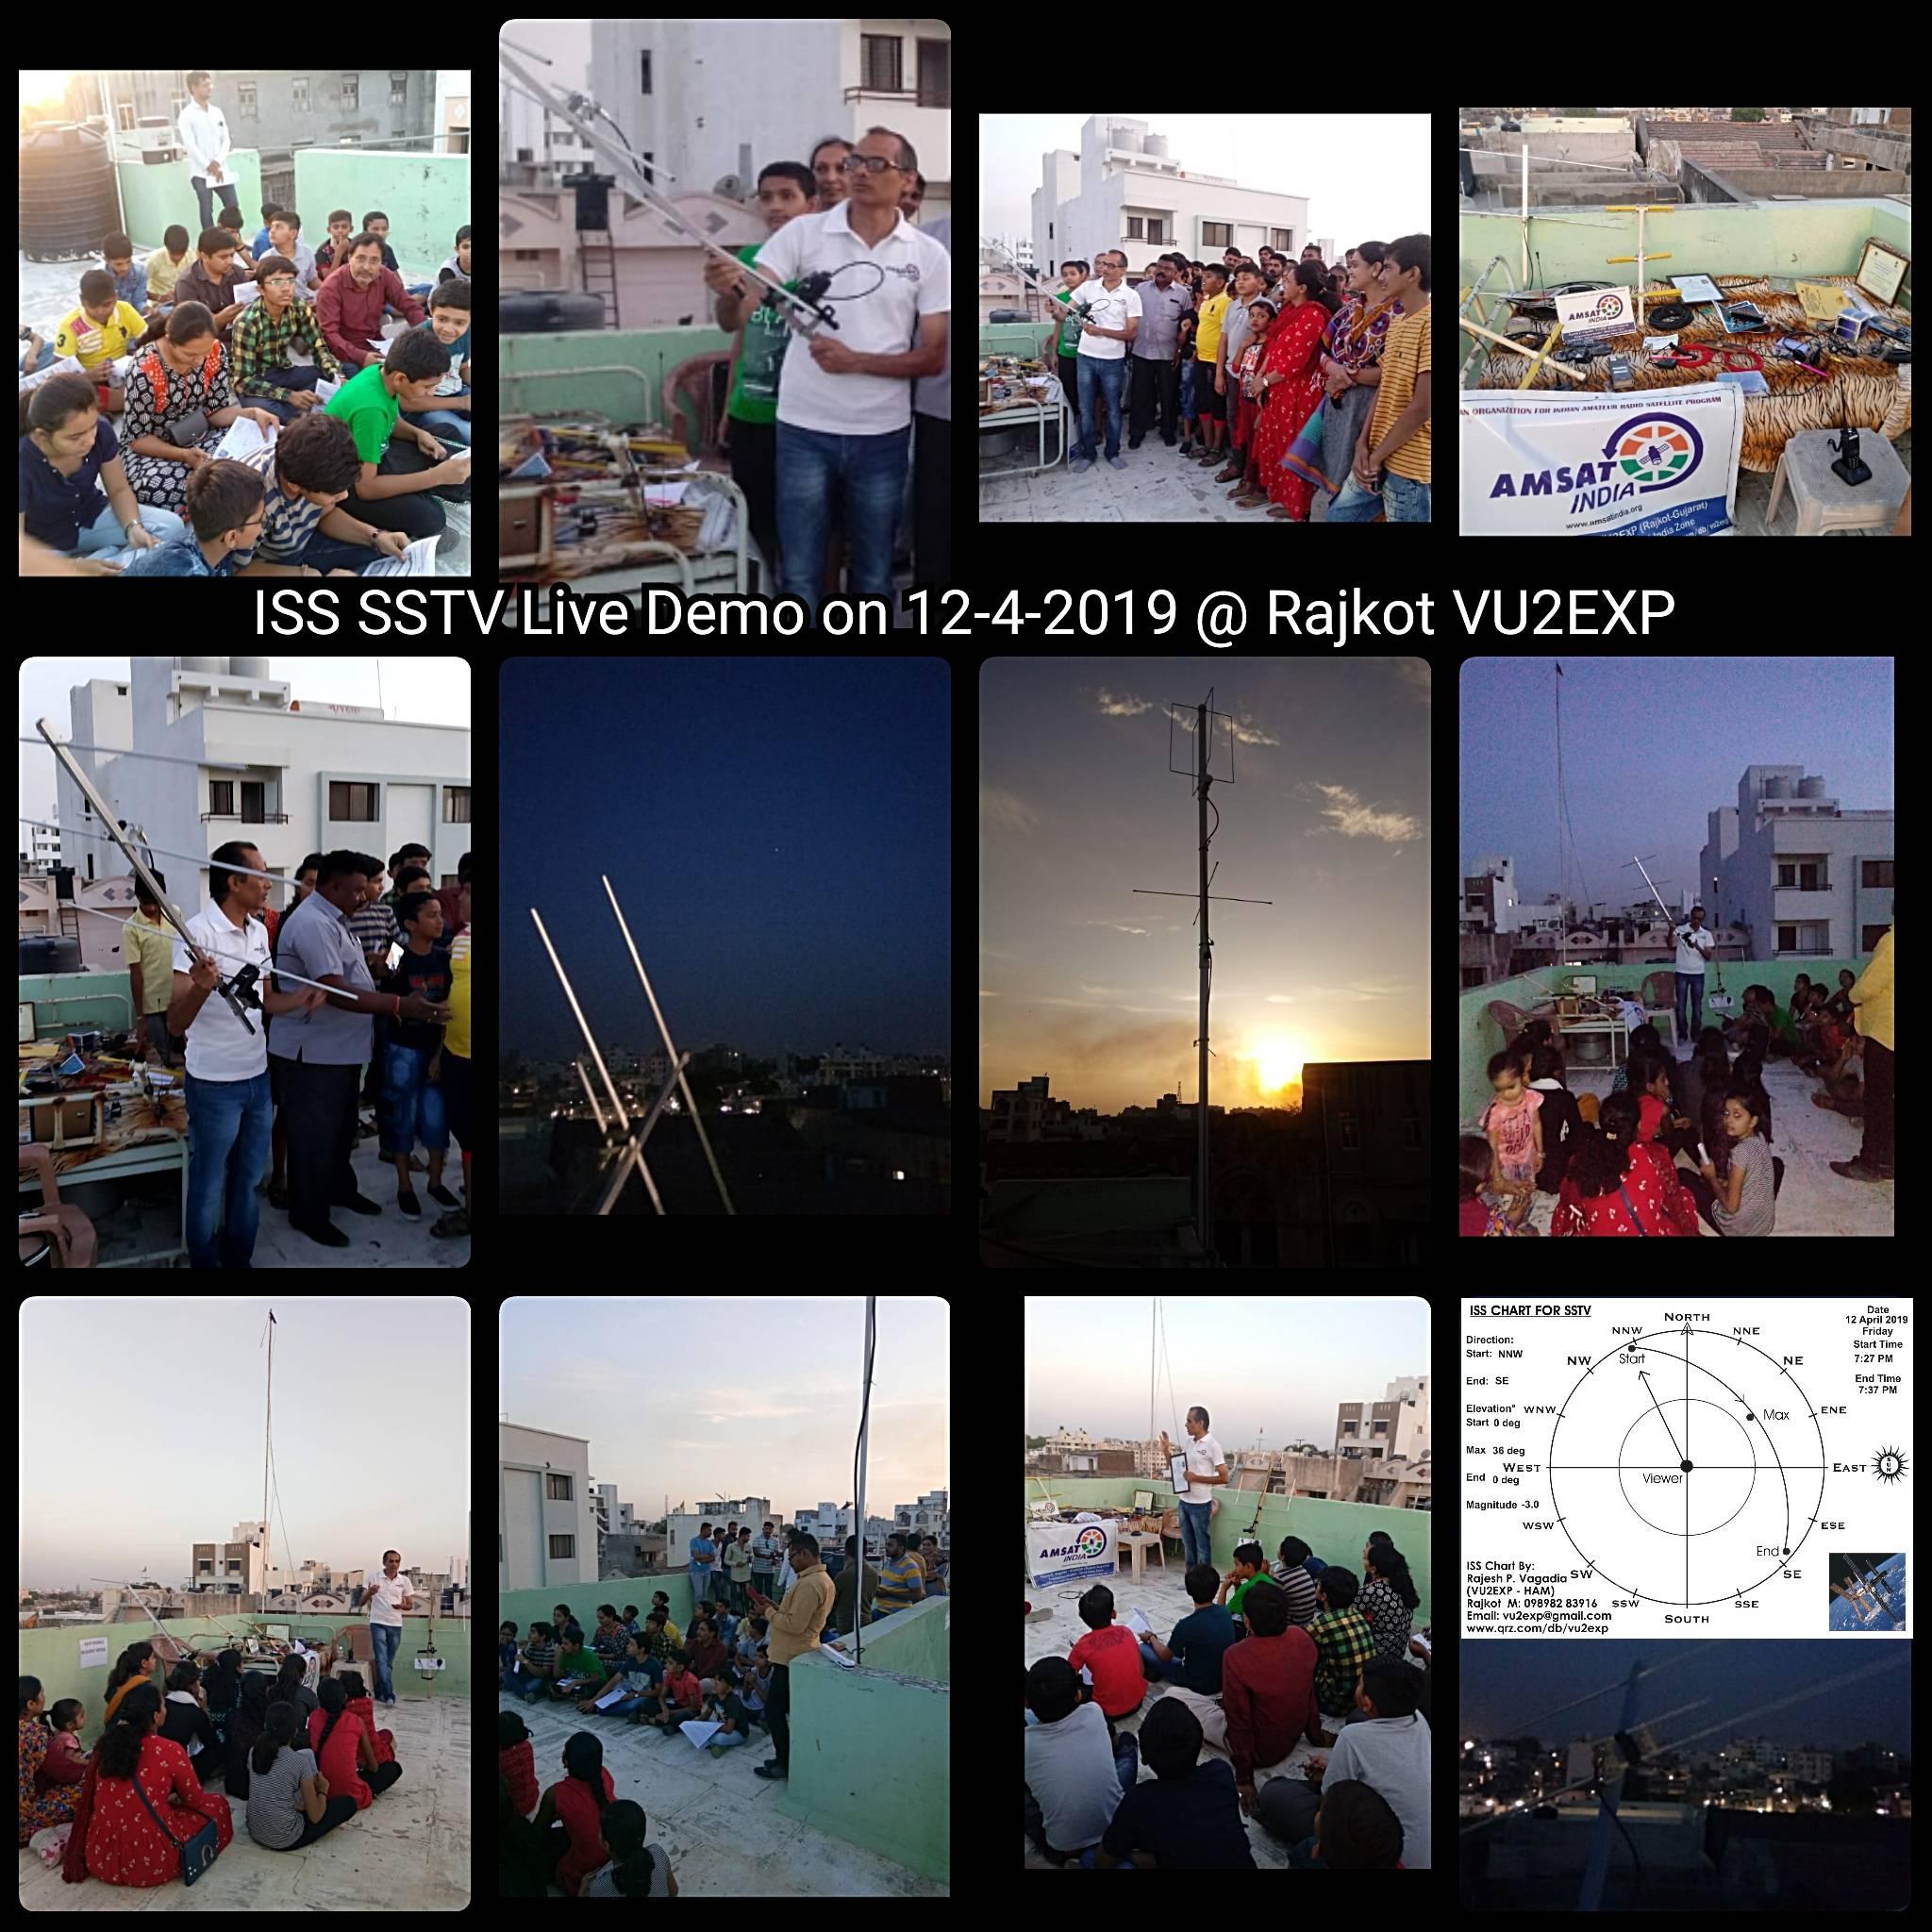 业余界:印度学生观看接收国际空间站SSTV图片的现场演示